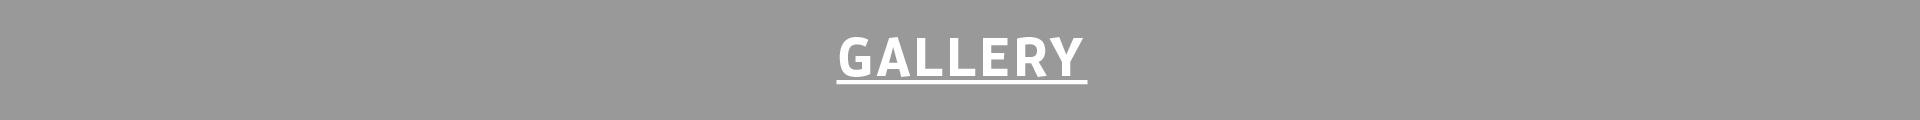 Gallery-100.jpg